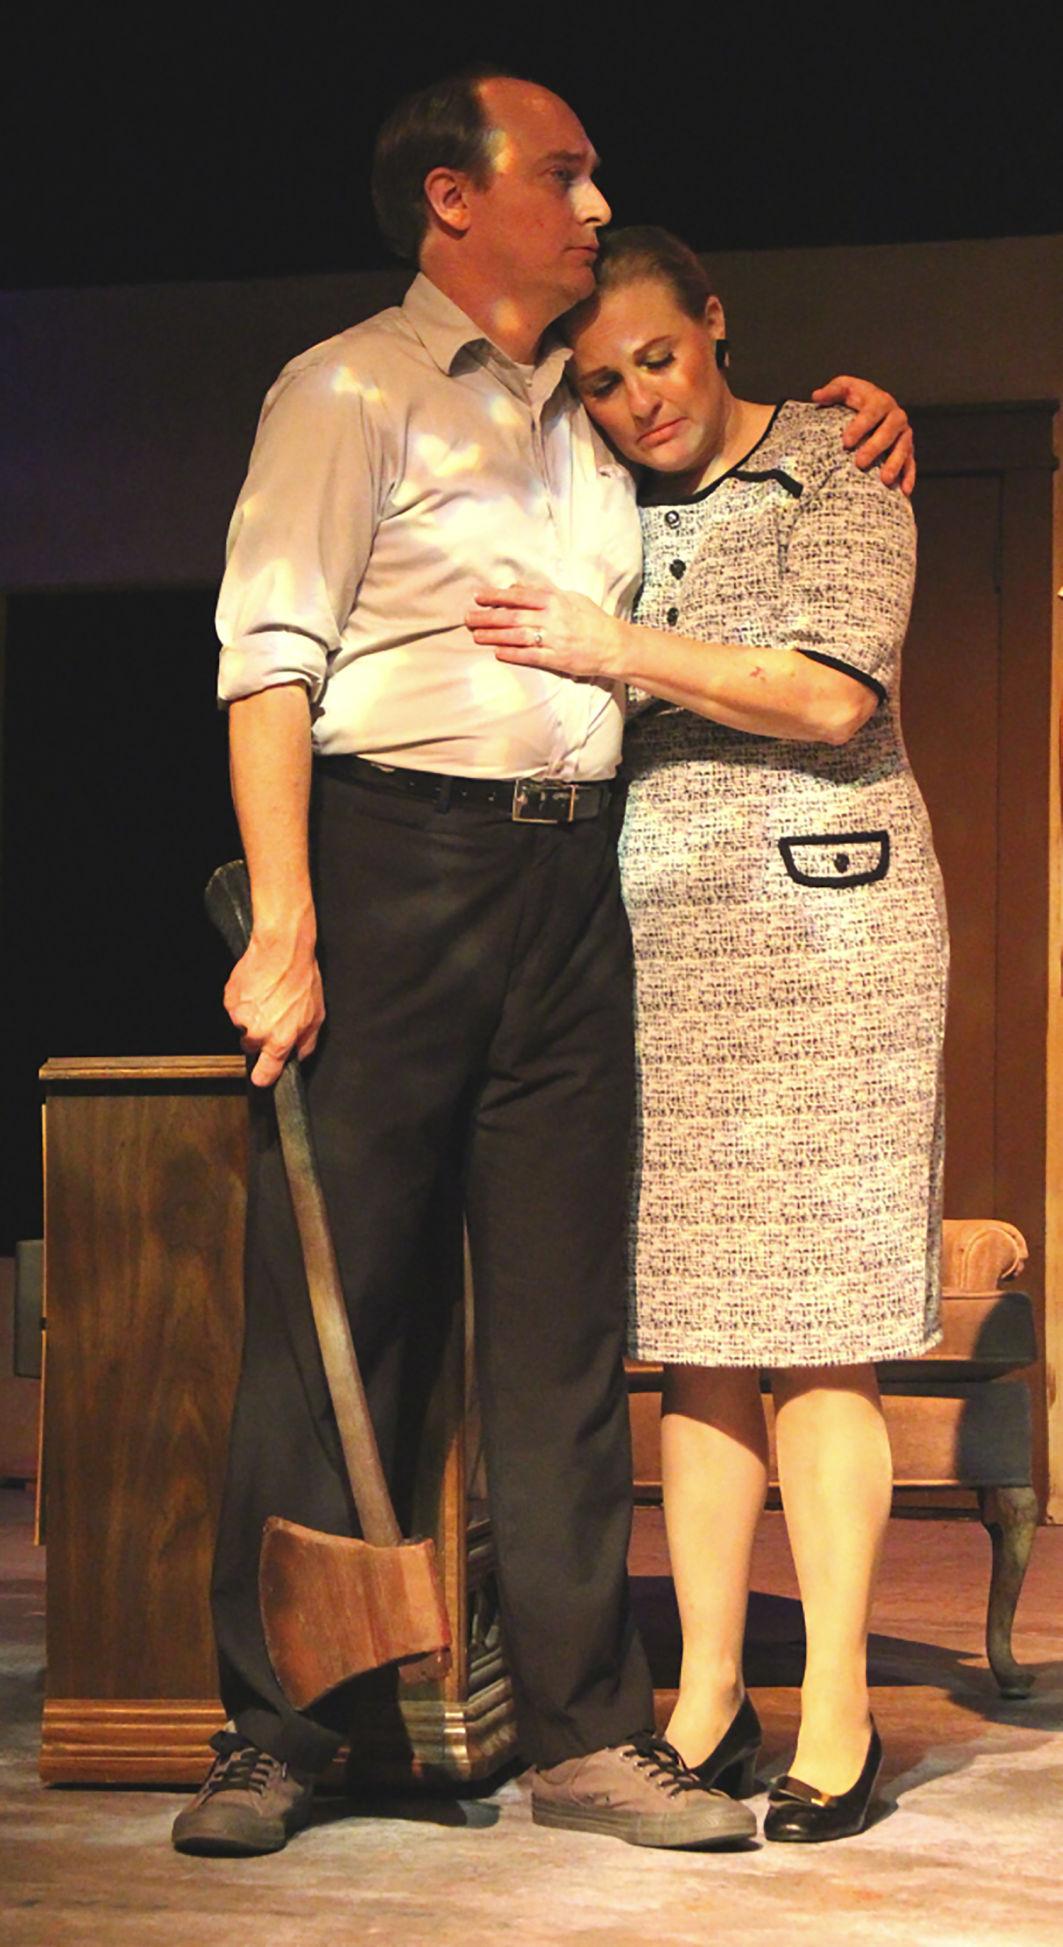 Josh and Janice